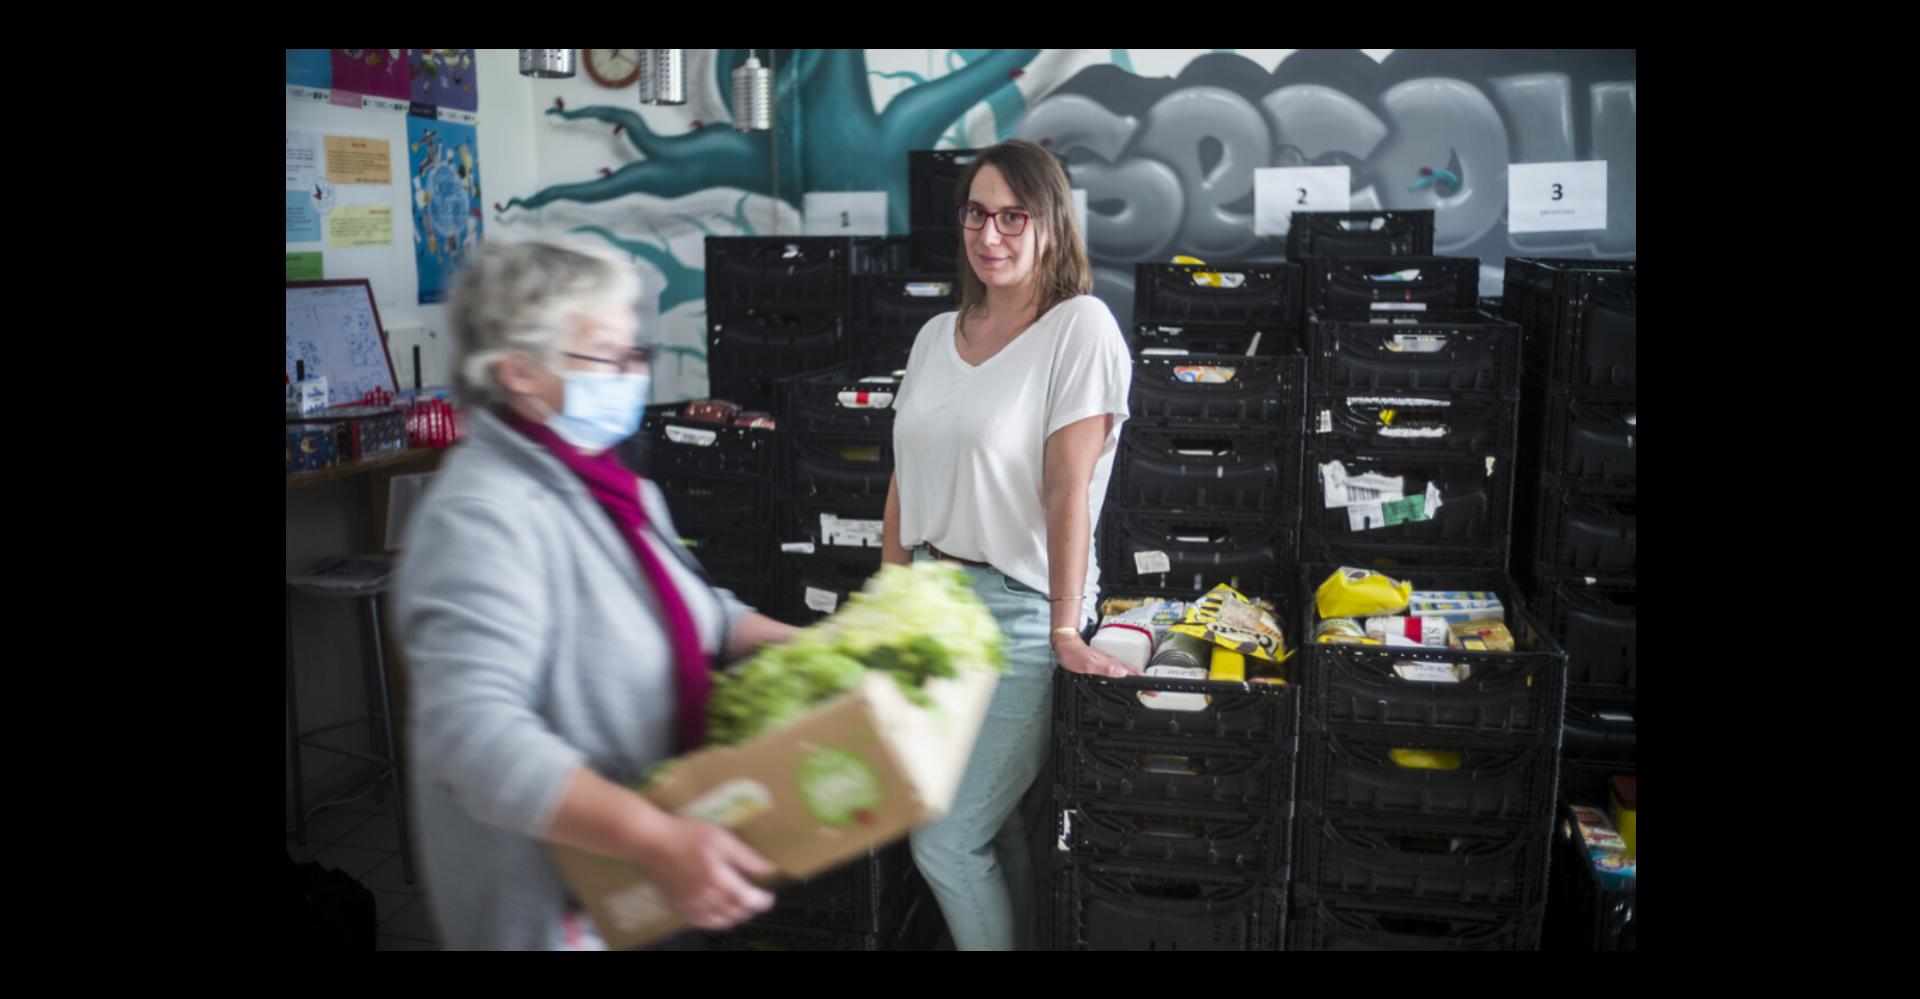 2 bénévolesdans un local de distribution de produits alimentaires, l'une posant debout, l'autre transportant une caisse de salade